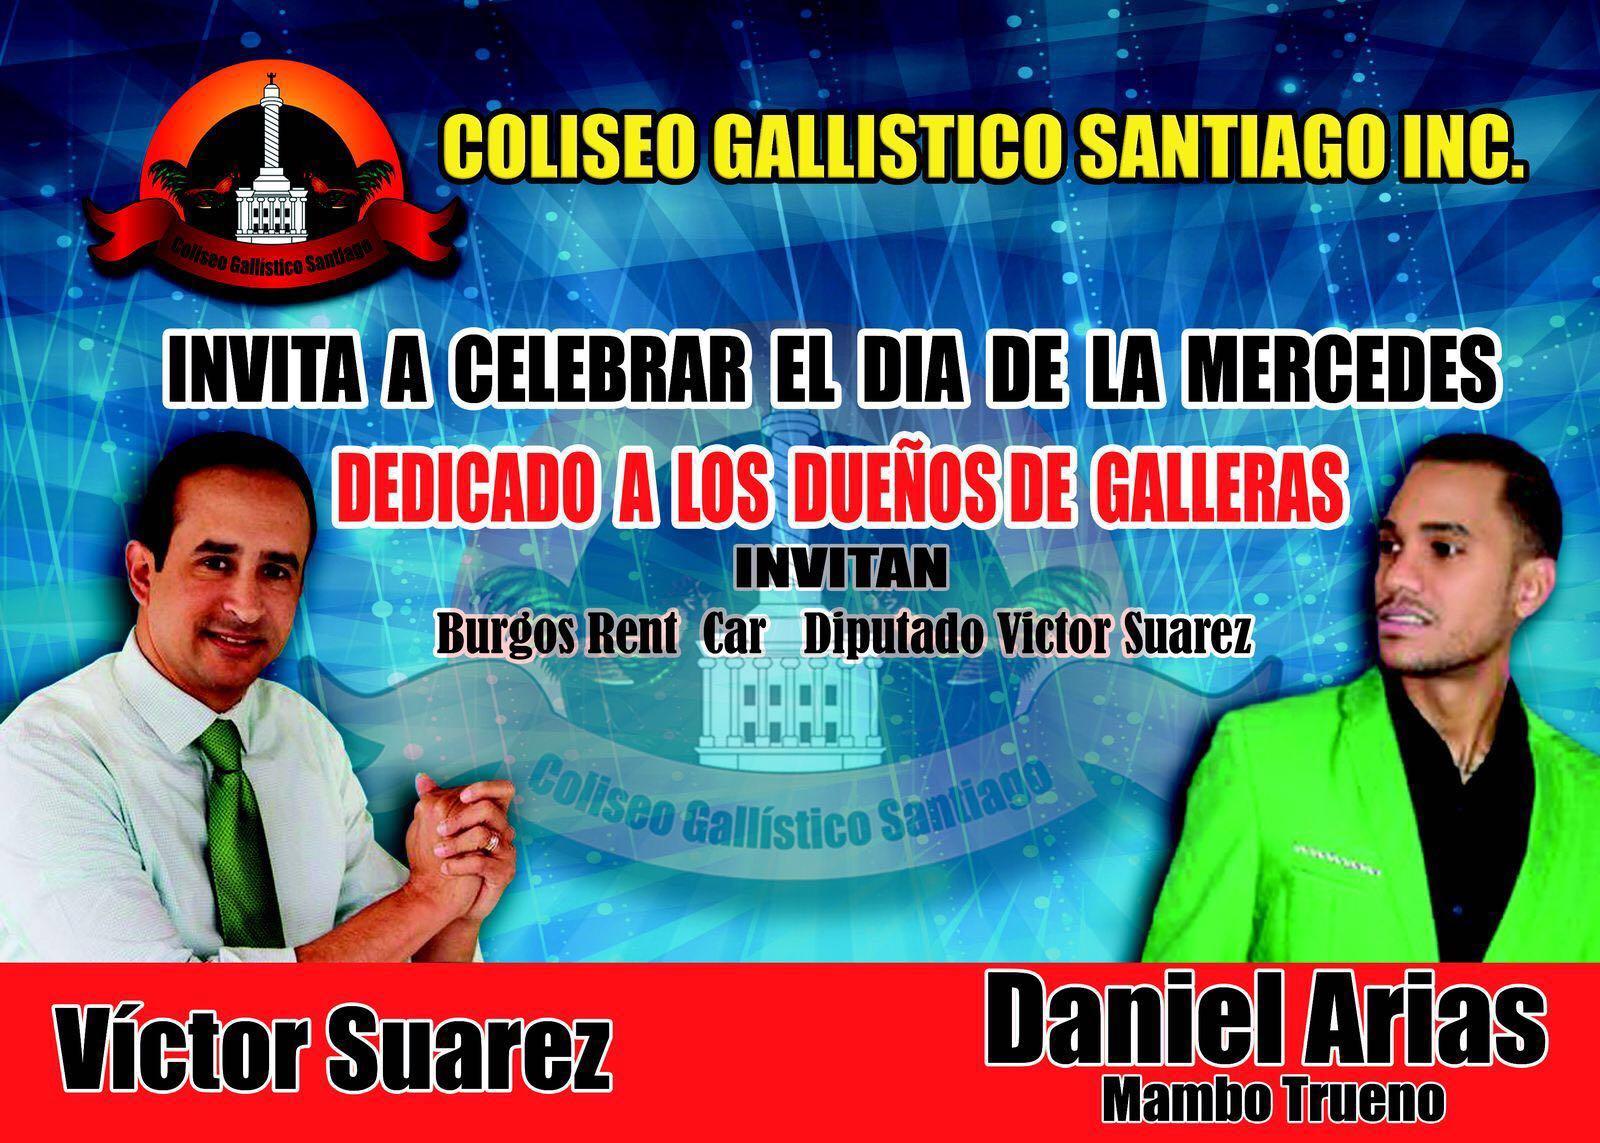 Coliseo Gallistico de Santiago Celebra en Gde. el Dia de las Mercedes 24 de Sept.